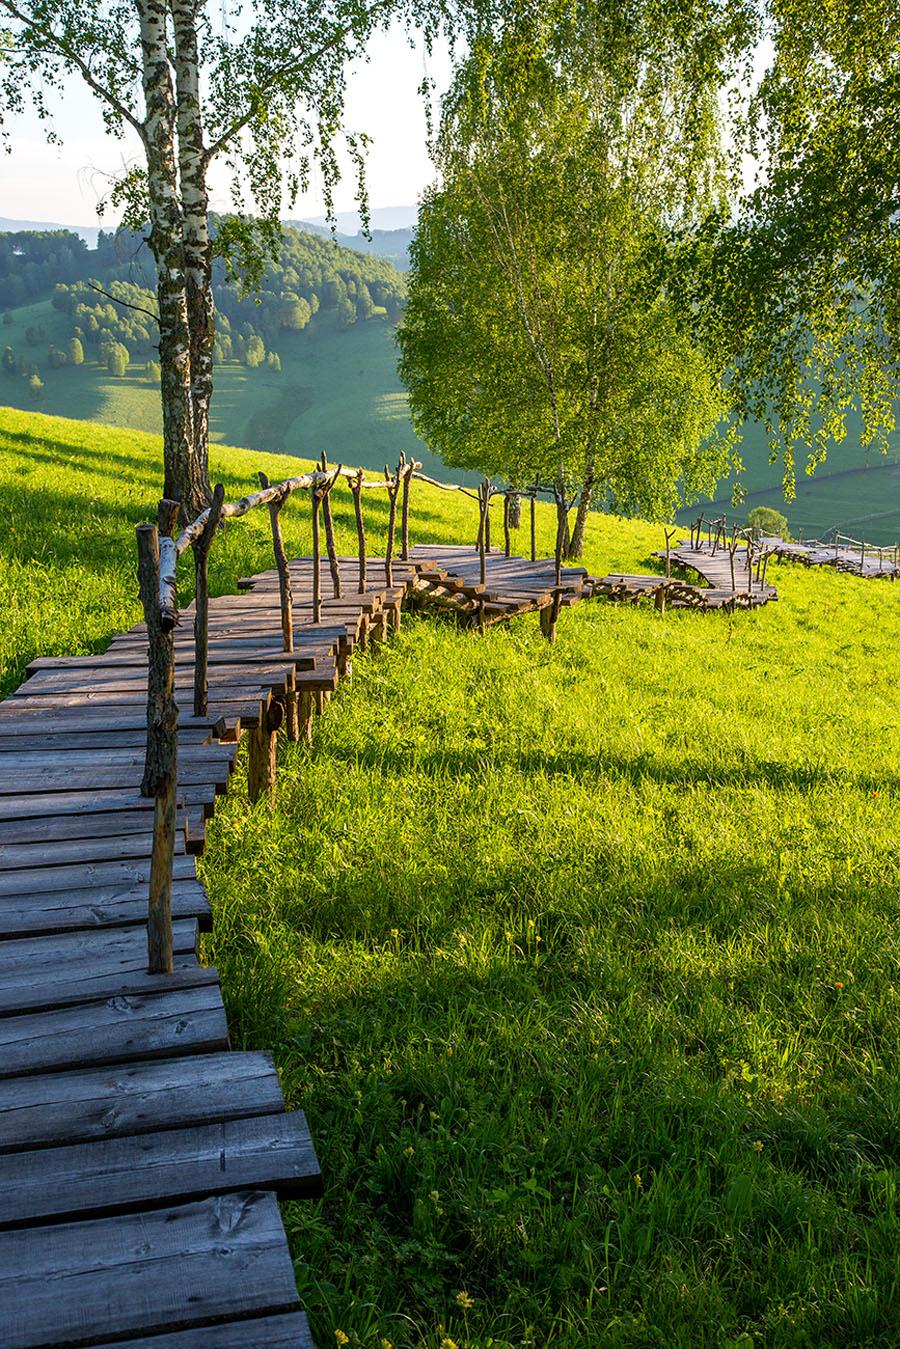 nikolskoe_priroda_01.jpg